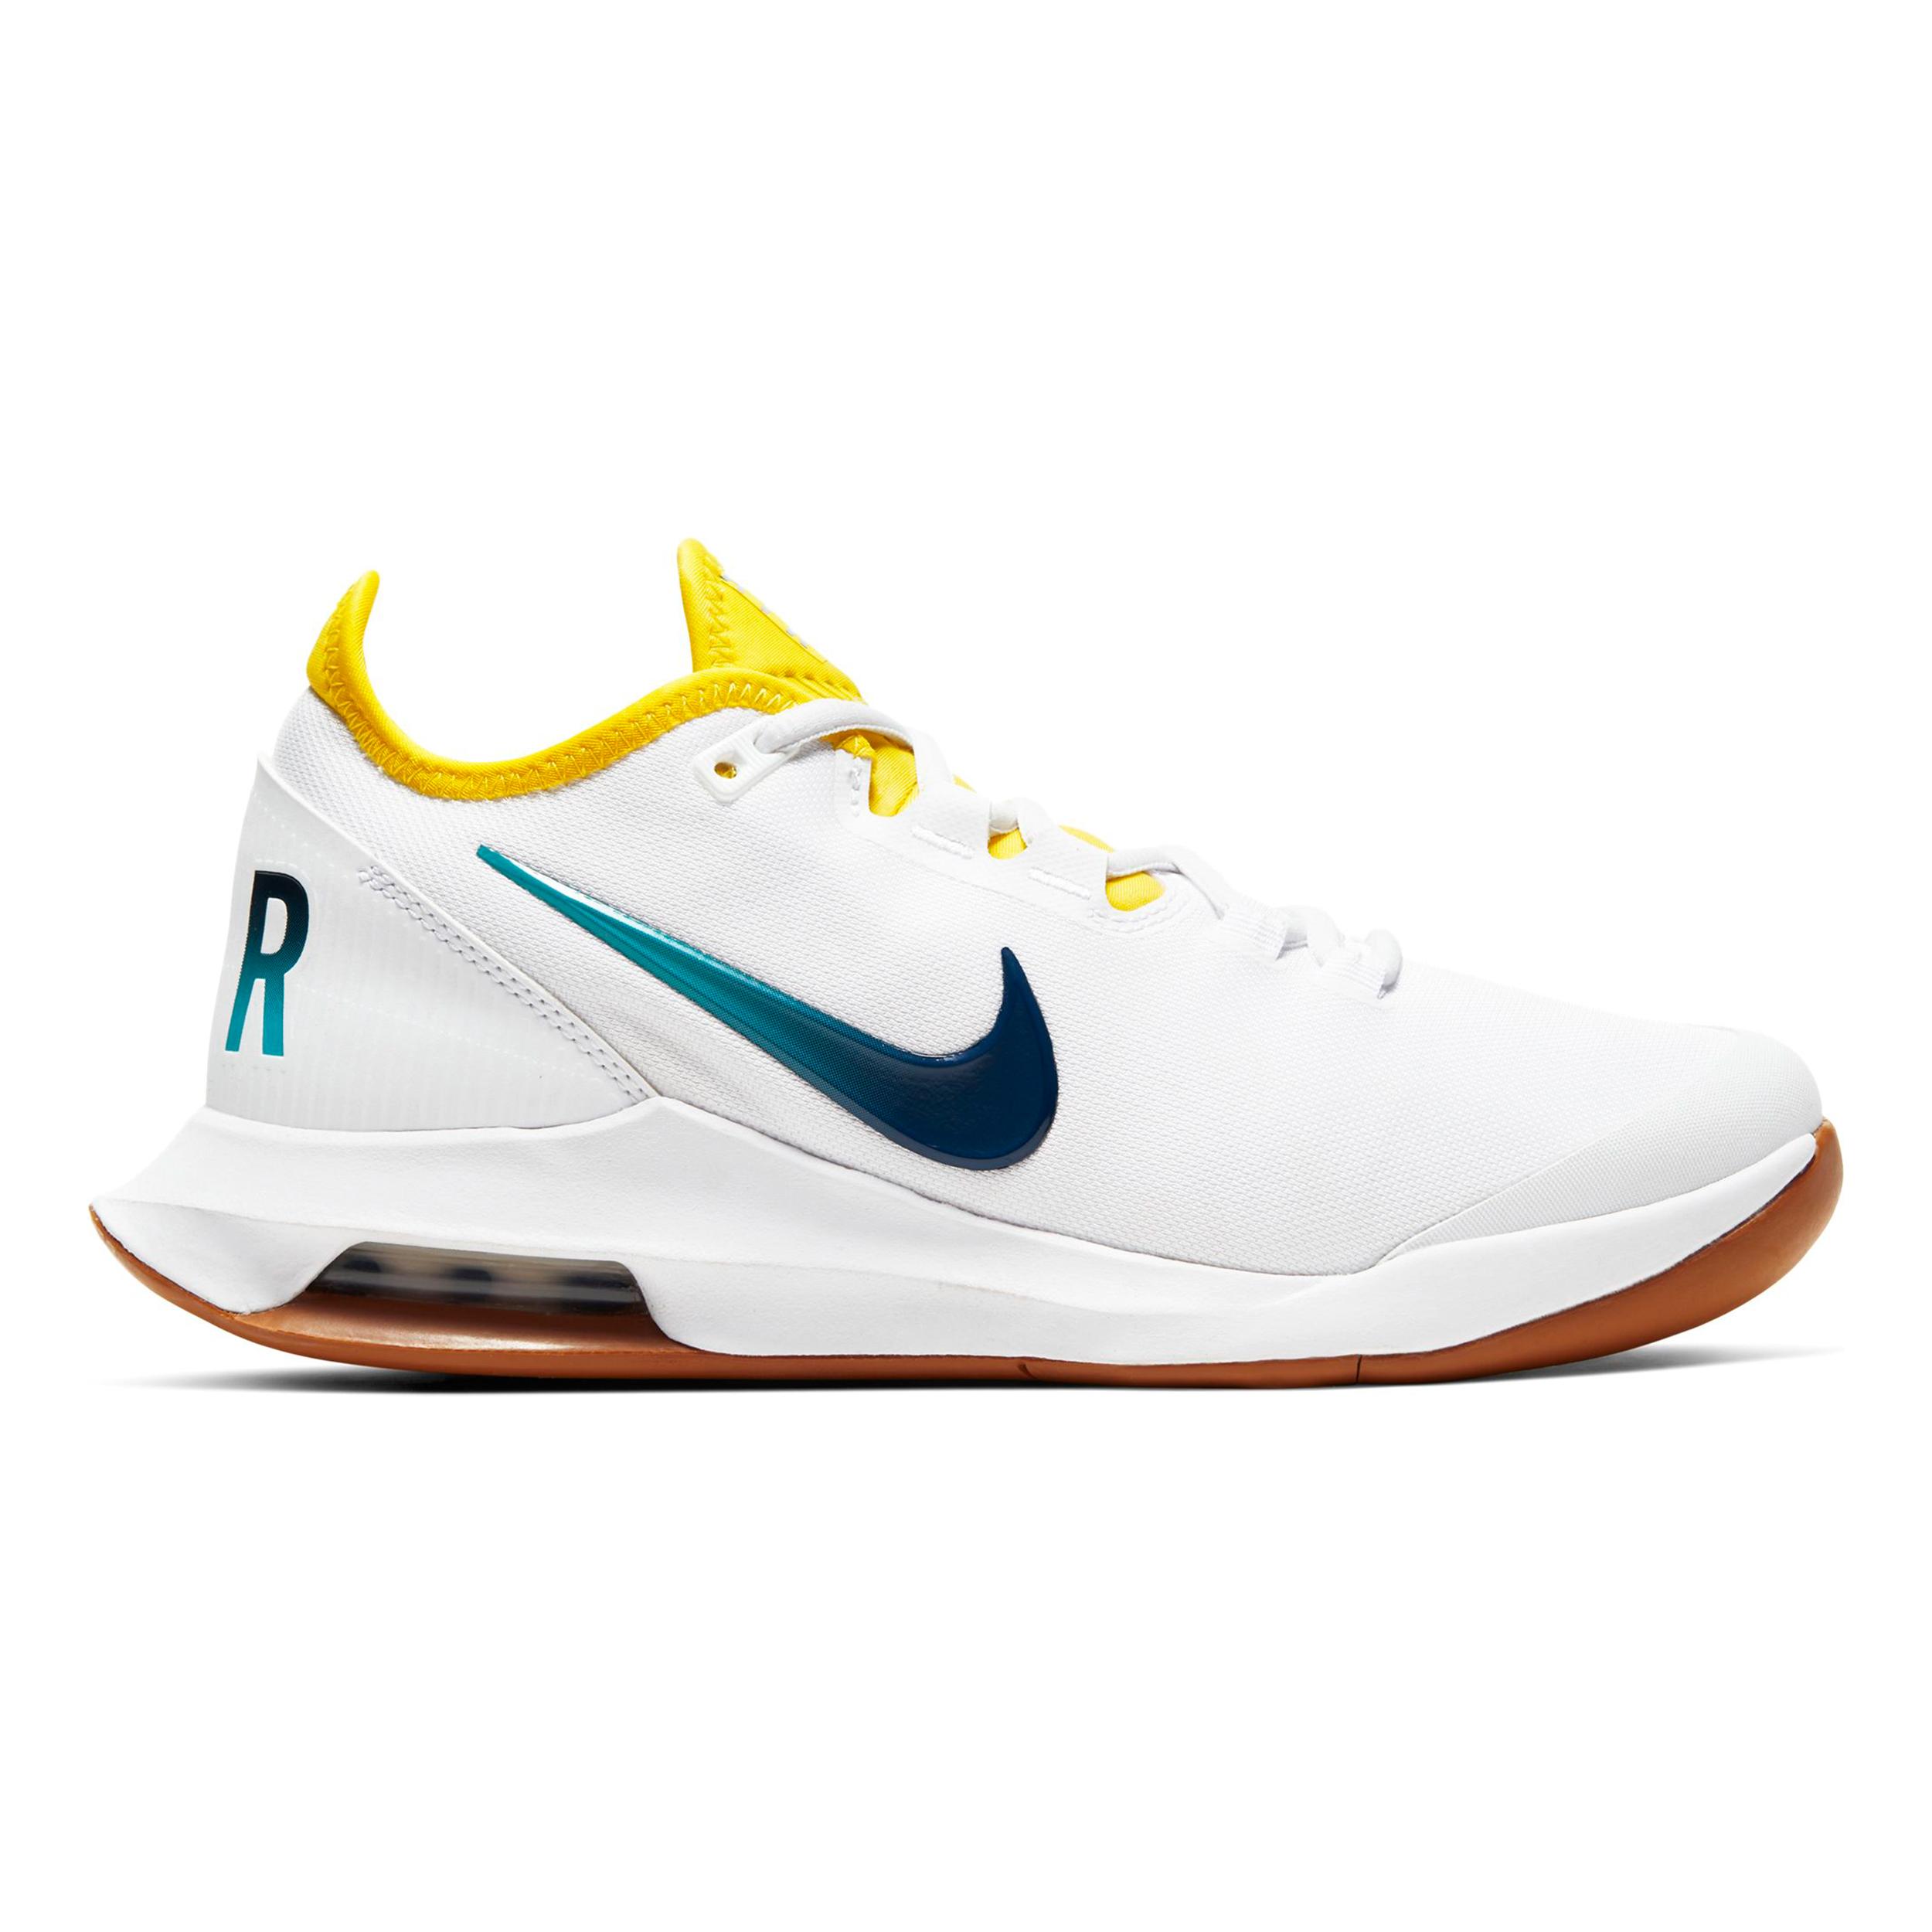 Nike Air Max Wildcard Allcourt Schoen Dames Wit, Blauw